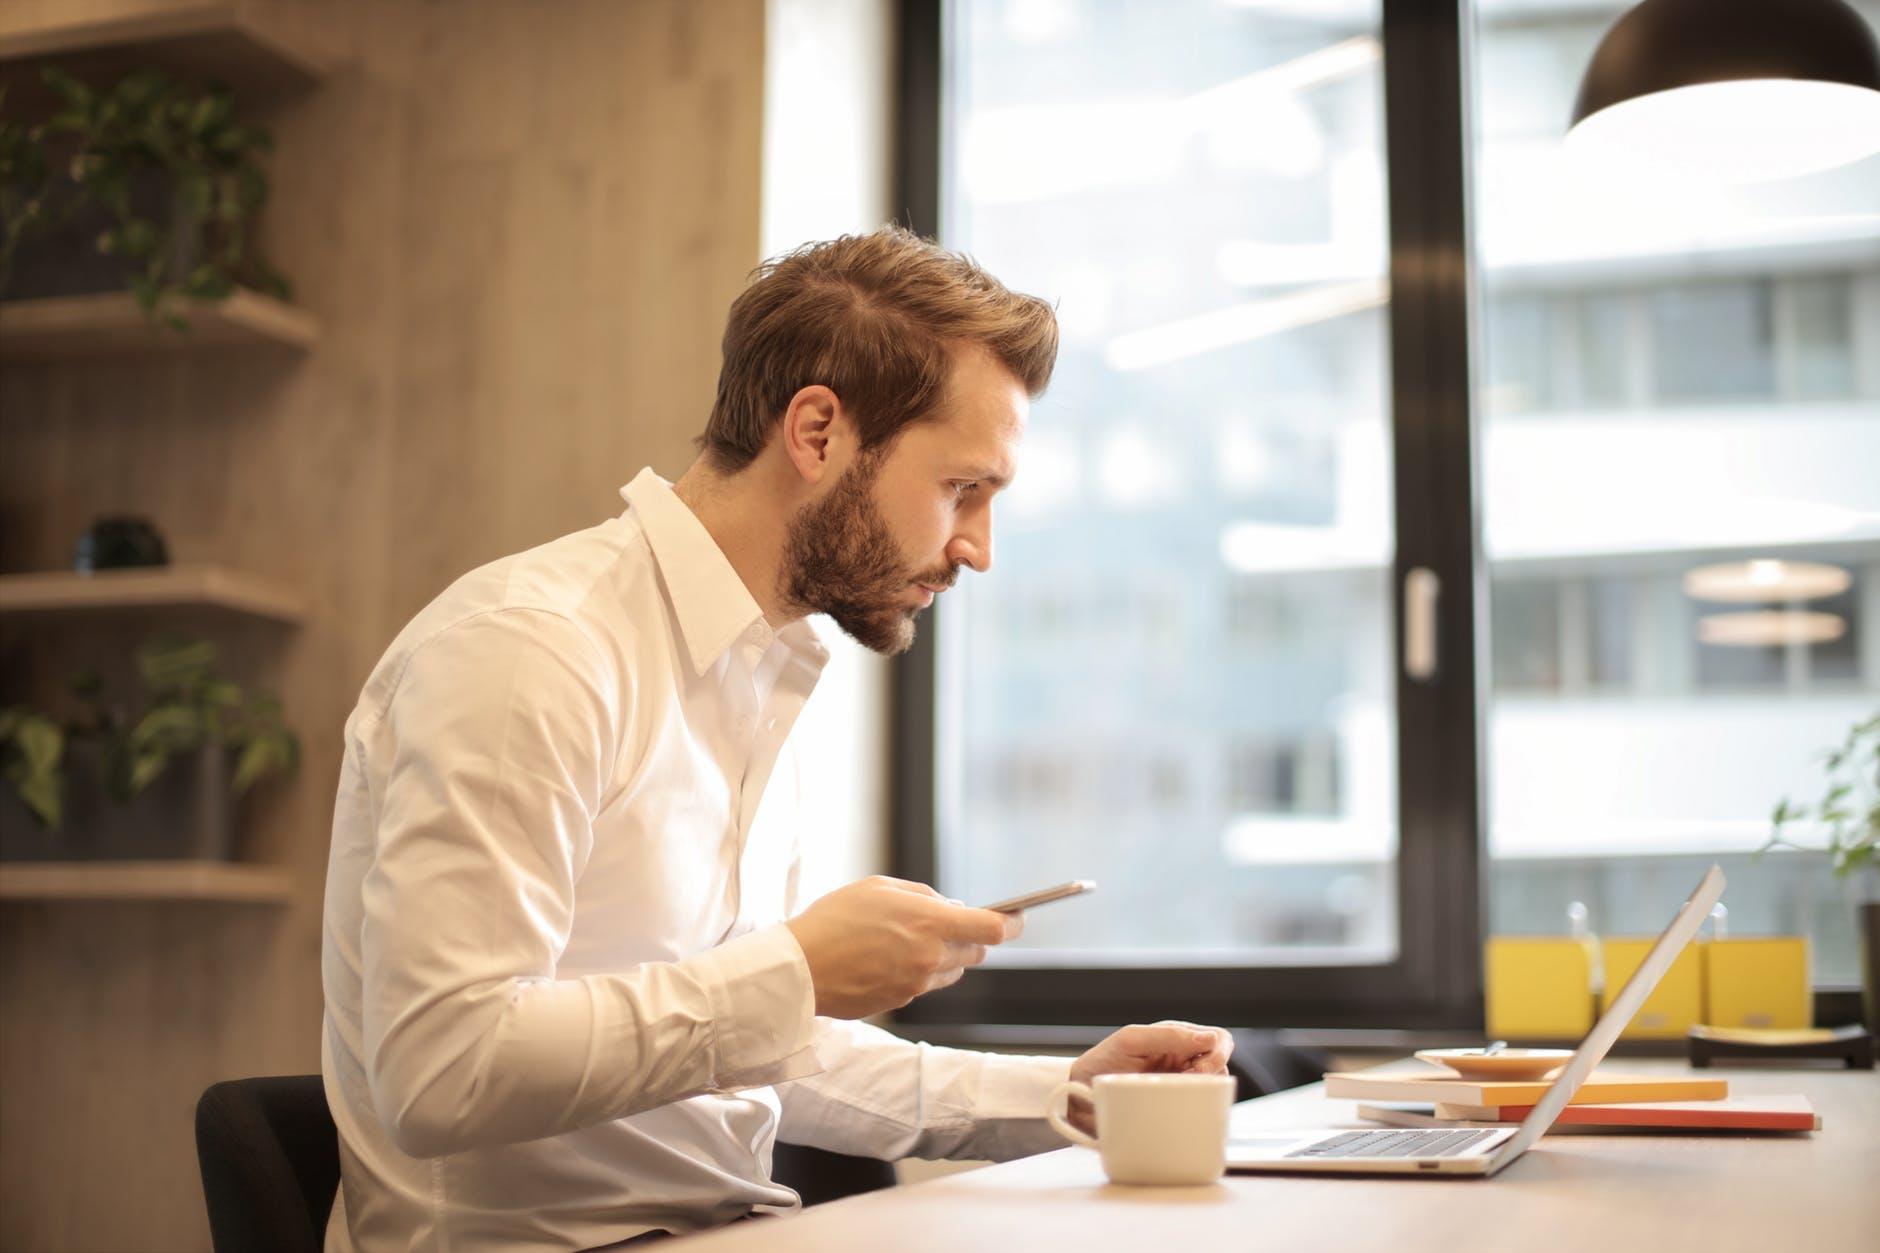 qual investimento rende mais: homem confere o notebook e o celular, simulando um investimento